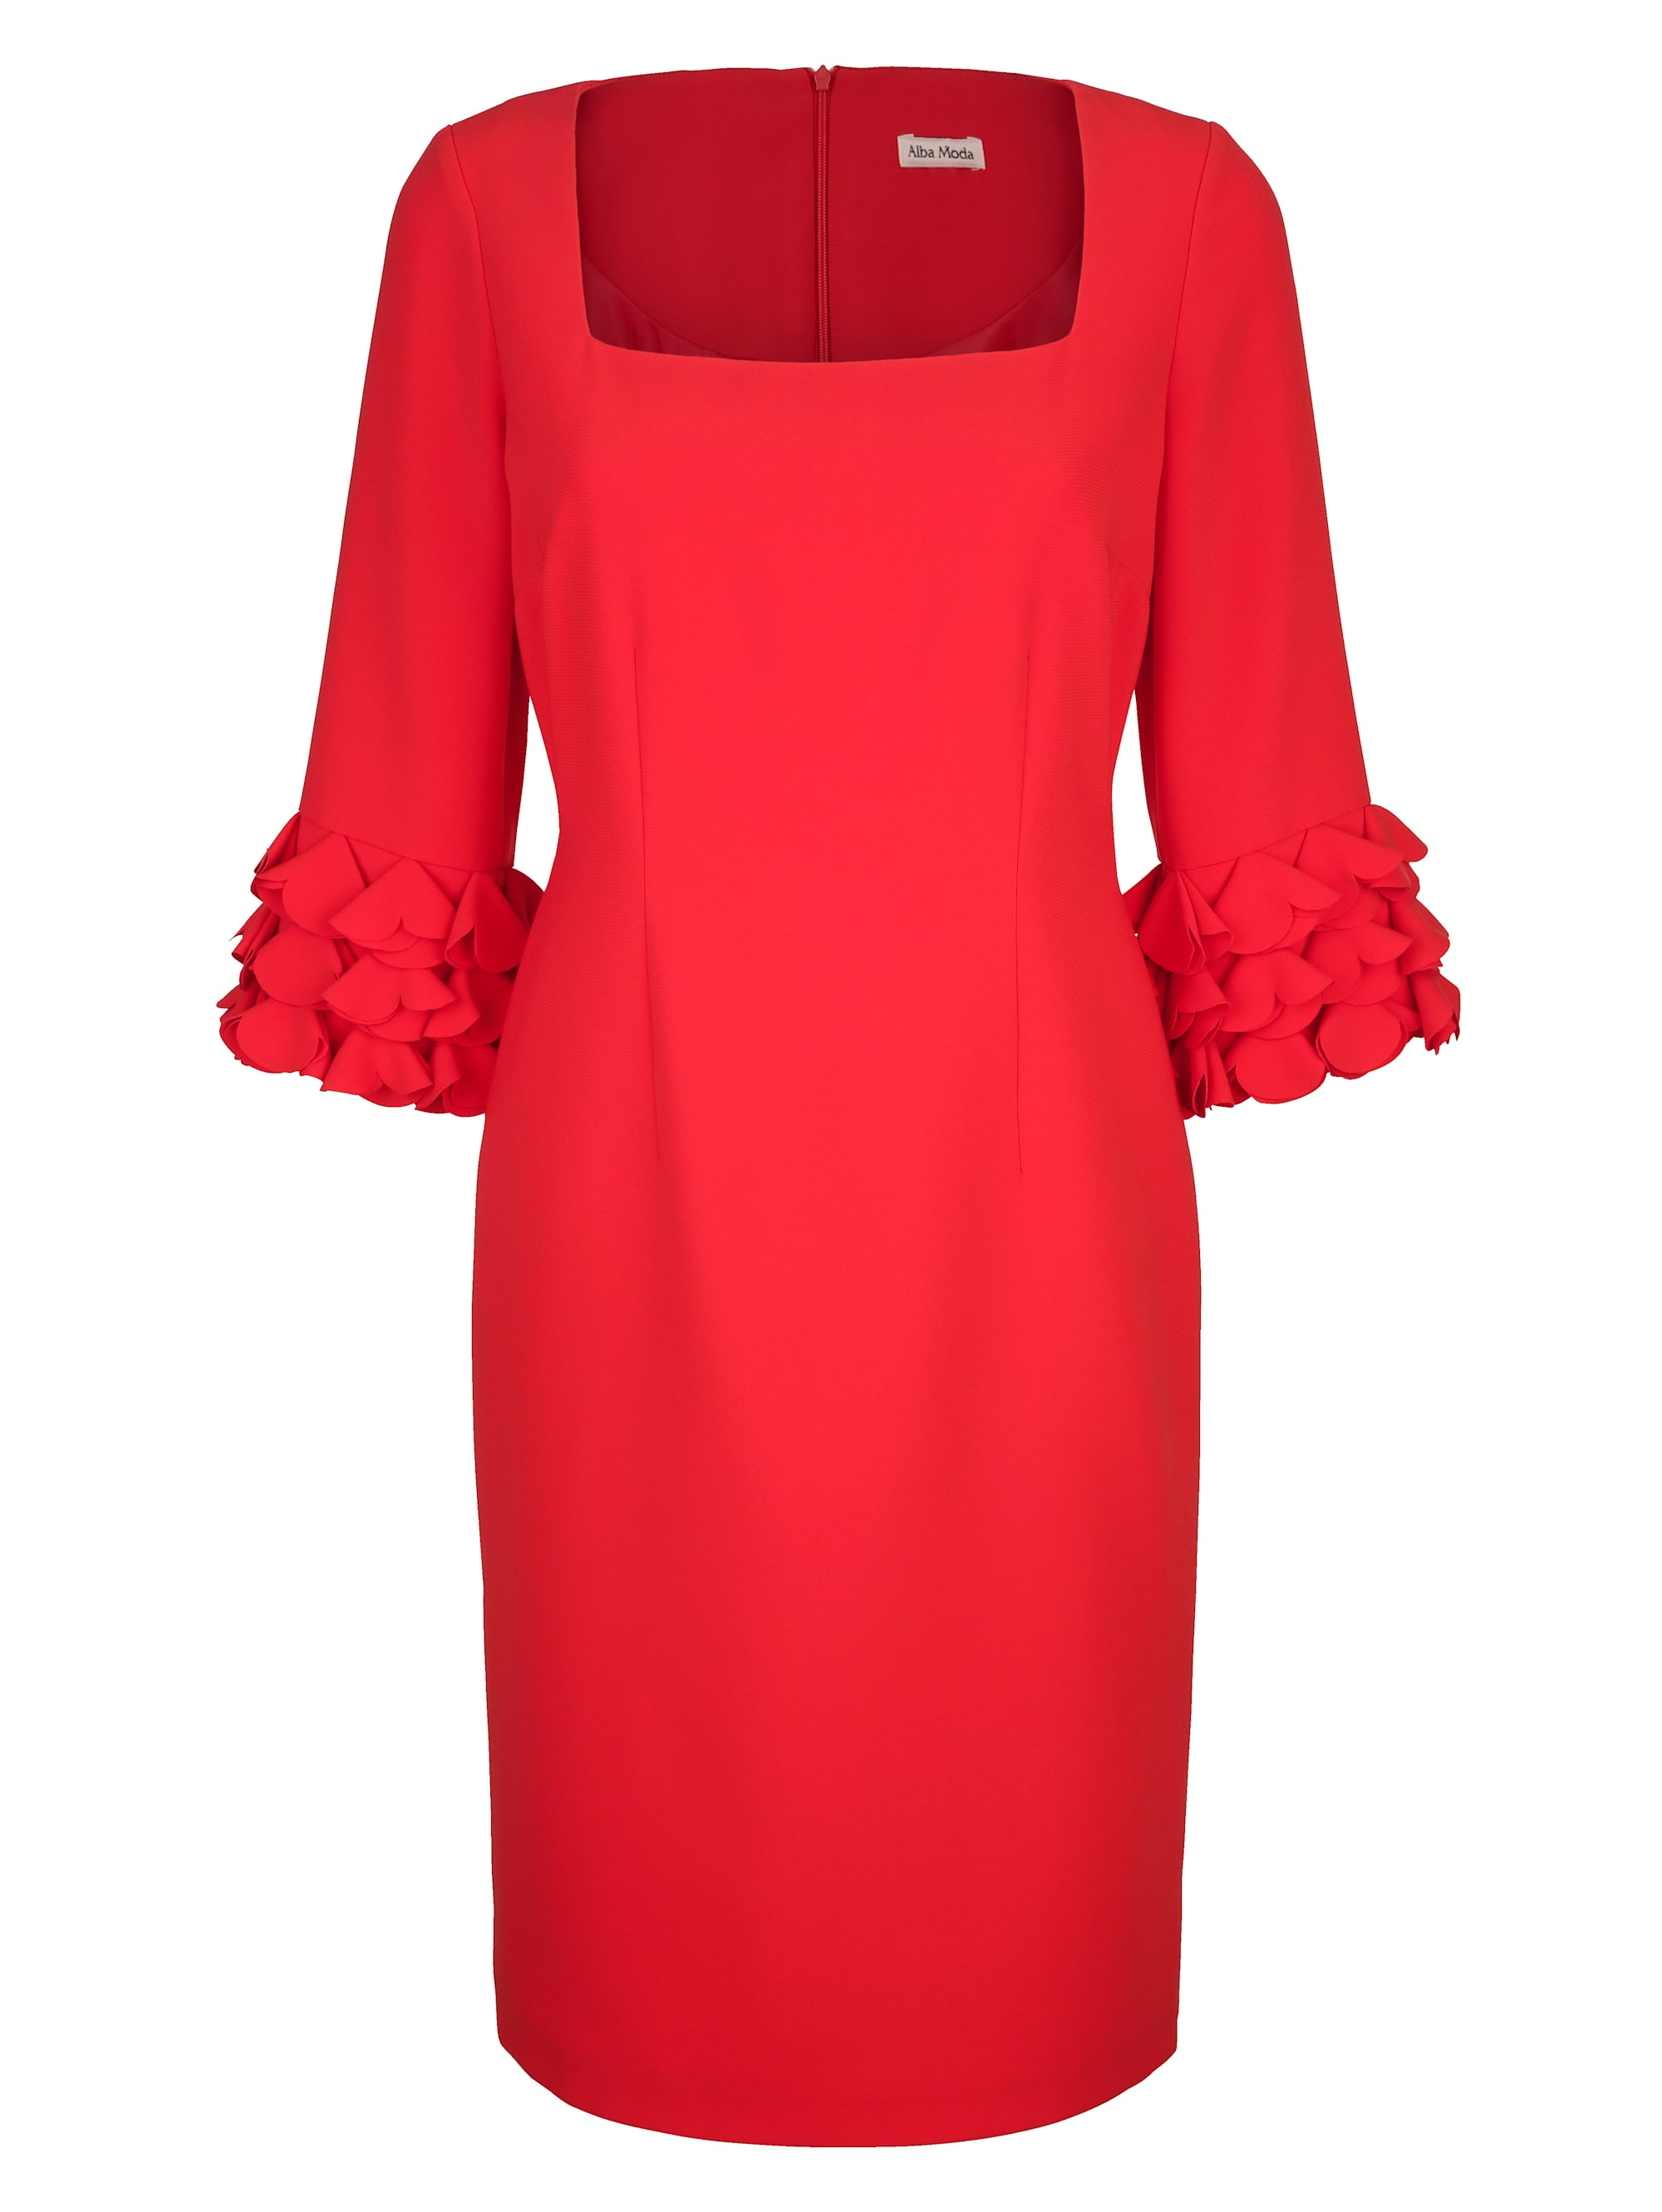 Alba Moda Kleid mit eleganten Details an den Ärmeln EJRIU NCSeu